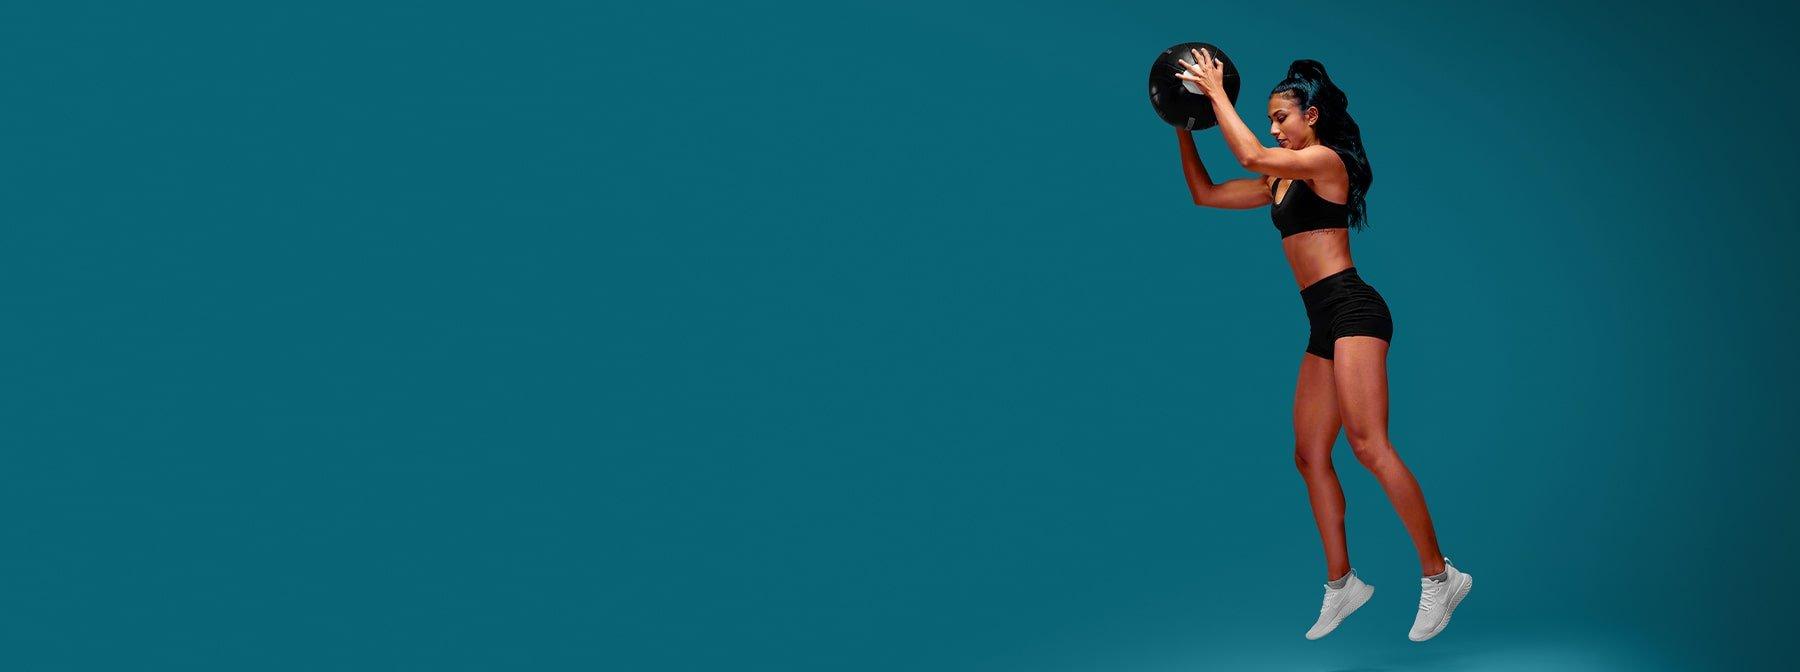 Fitness náramky bojující proti chřipce, 'méně je více' weightlifting | Top studie tohoto týdne